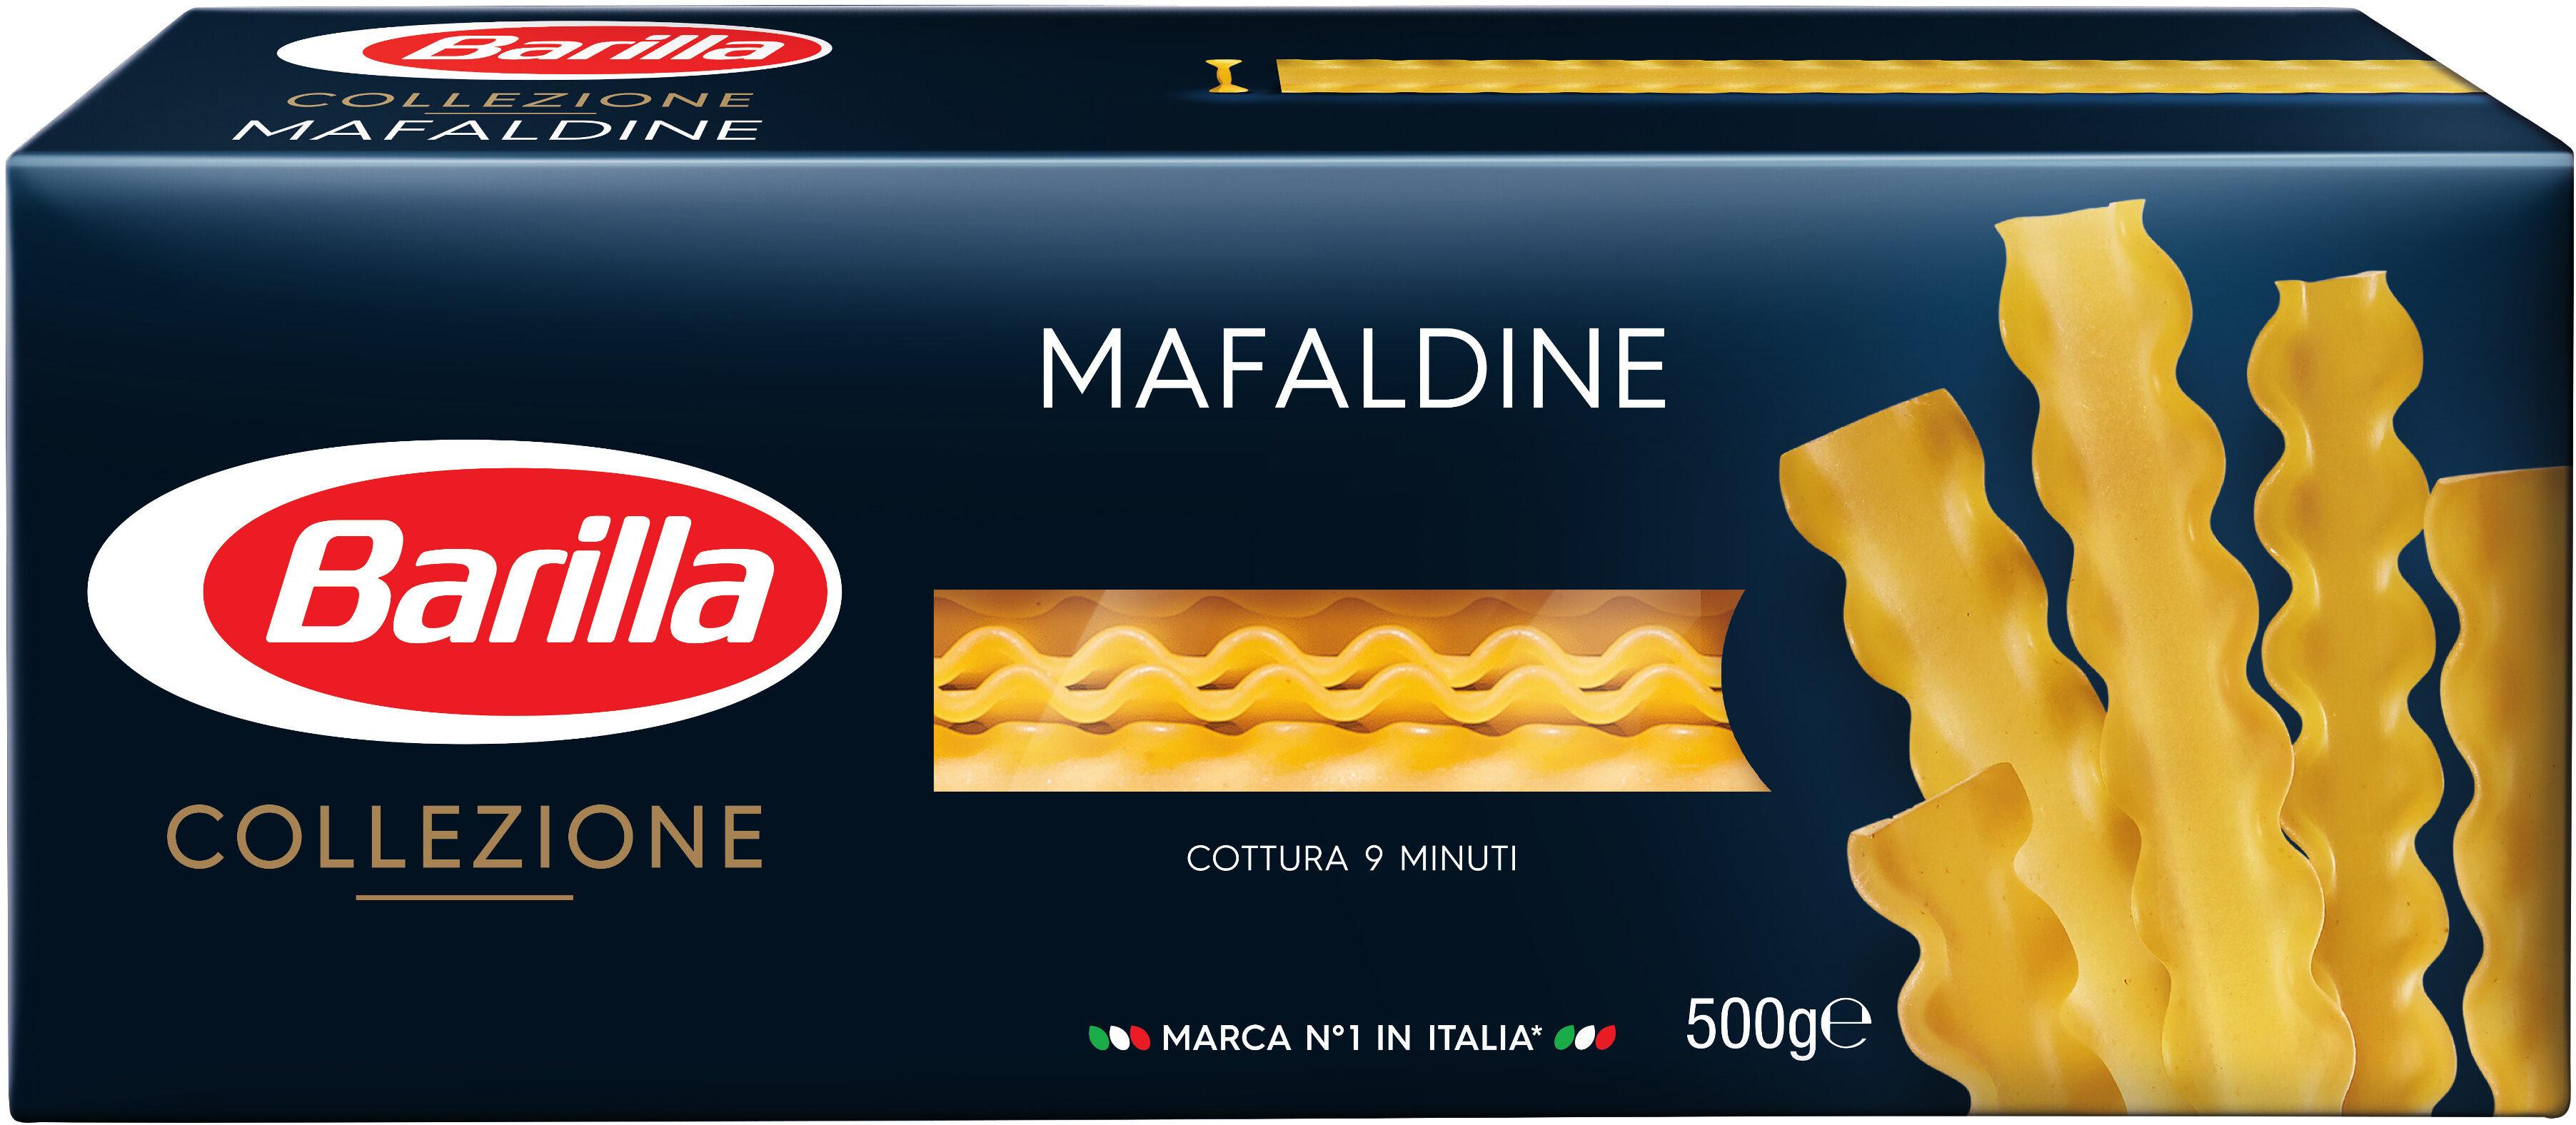 Barilla pates collezione mafaldine - Produkt - fr